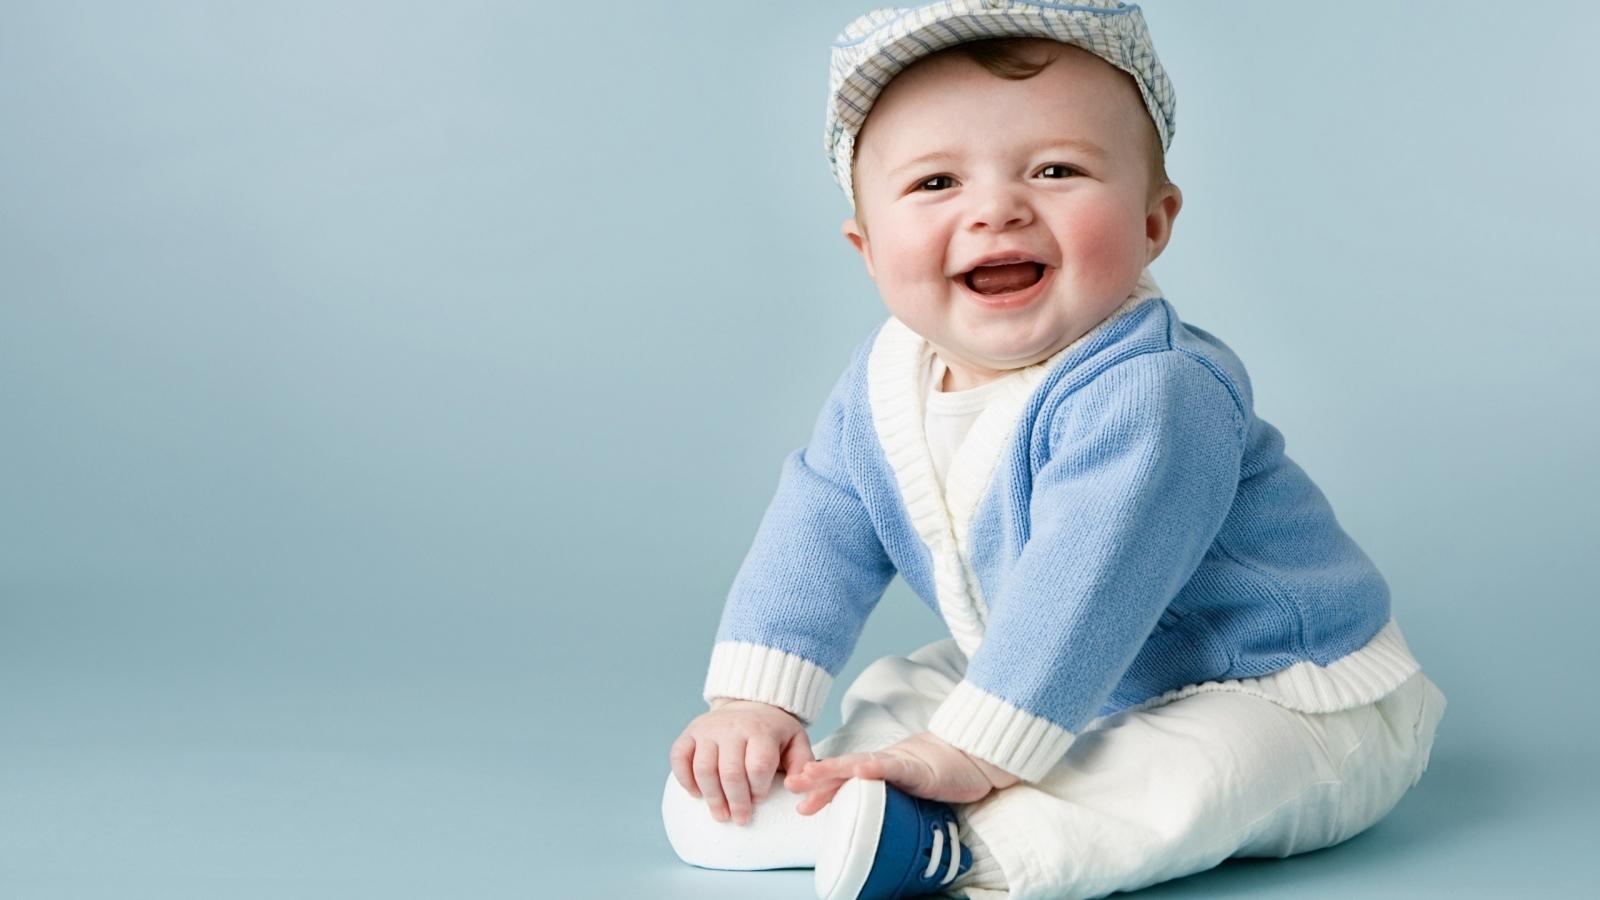 Ropa de bebe - 1600x900